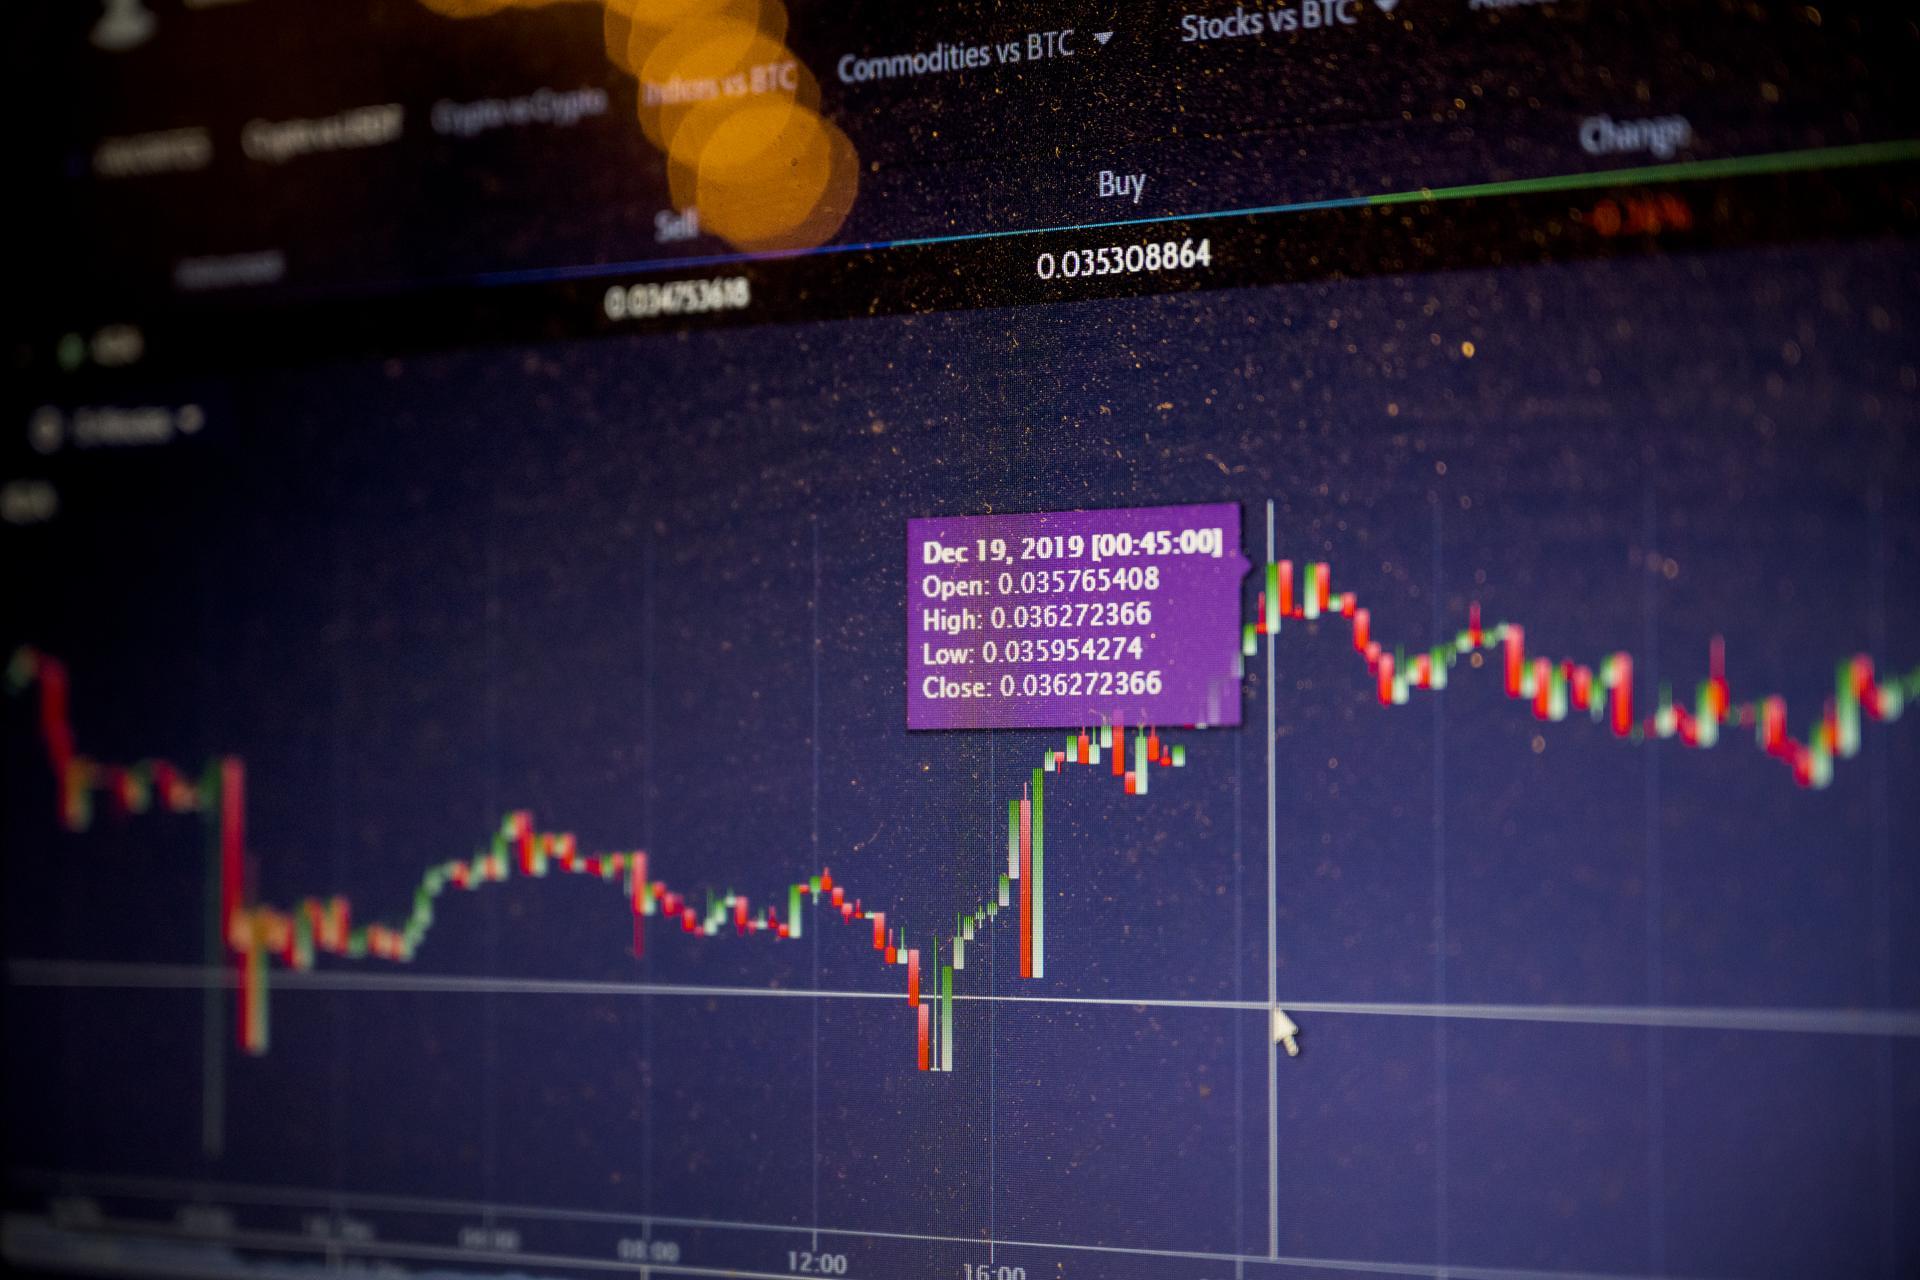 indicatori de opțiuni binare profitabile